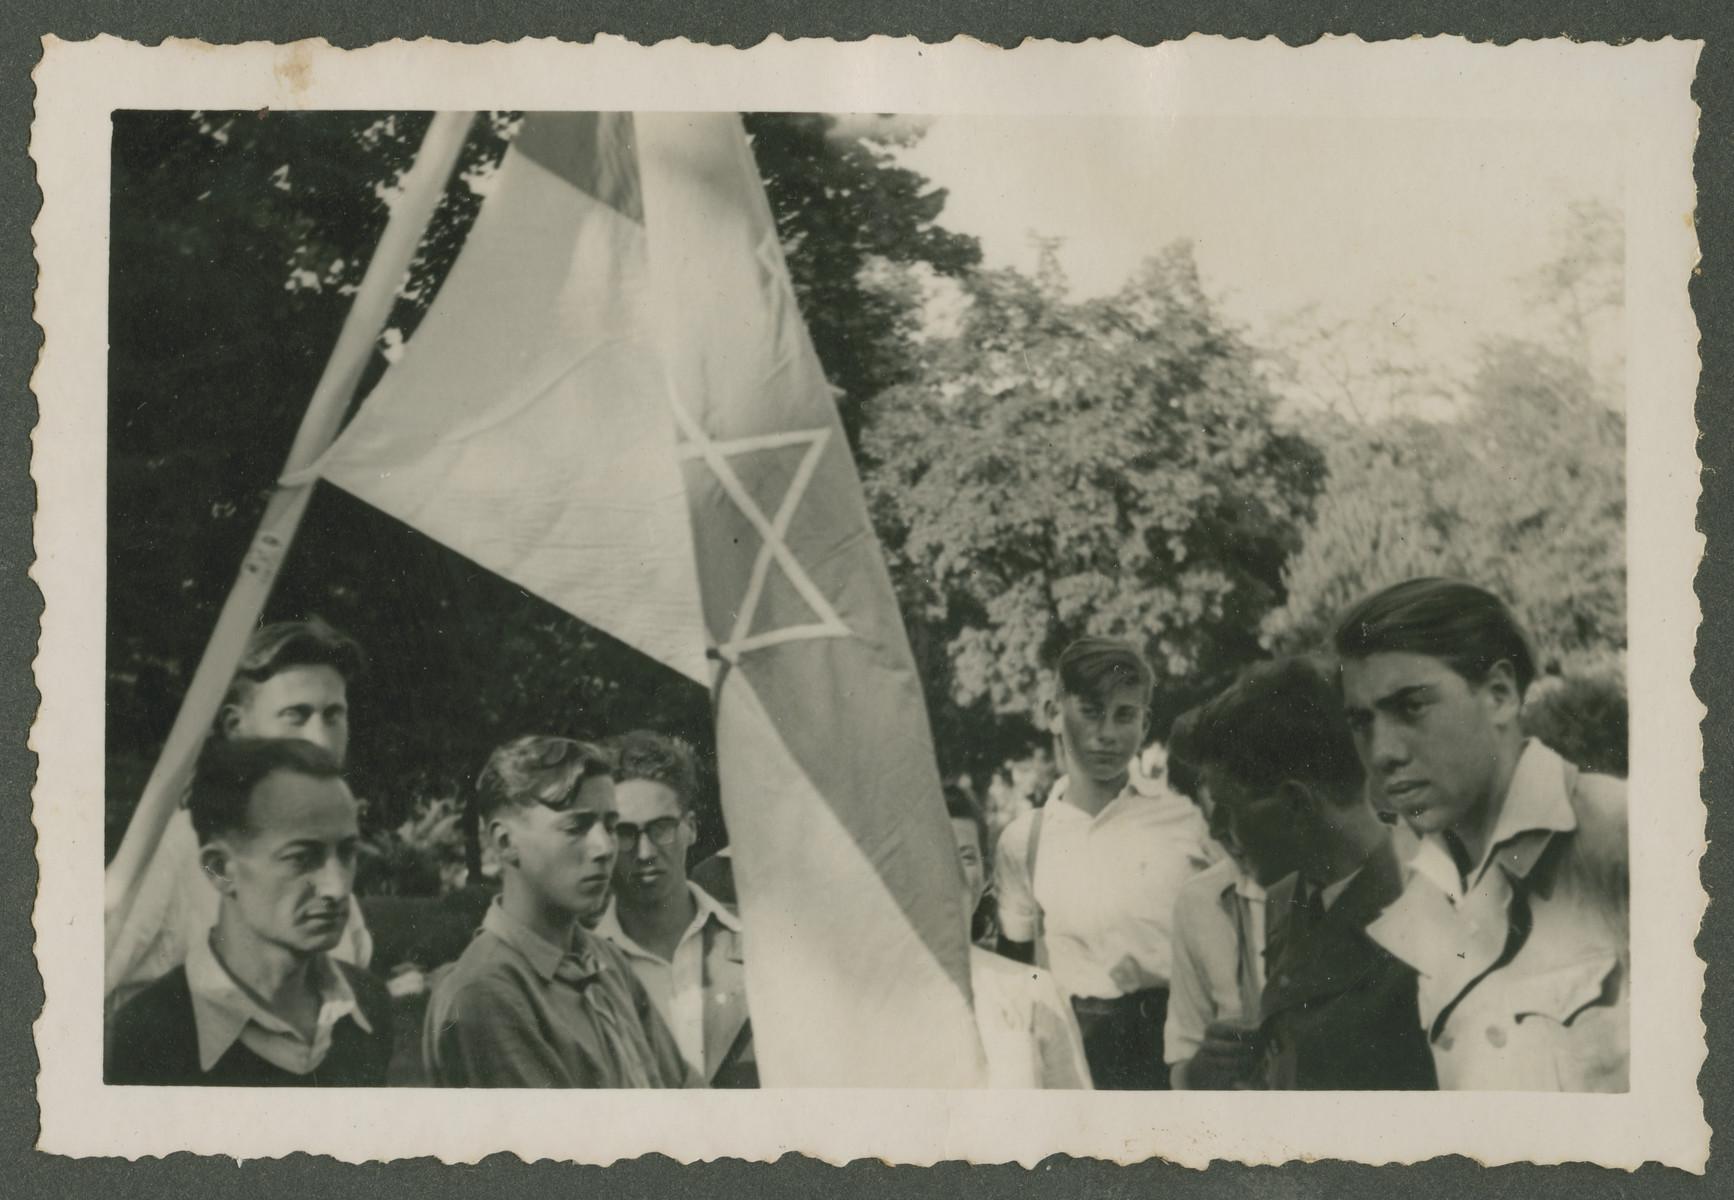 Teenage boys gather around a Zionist flag in a children's home in Switzerland.